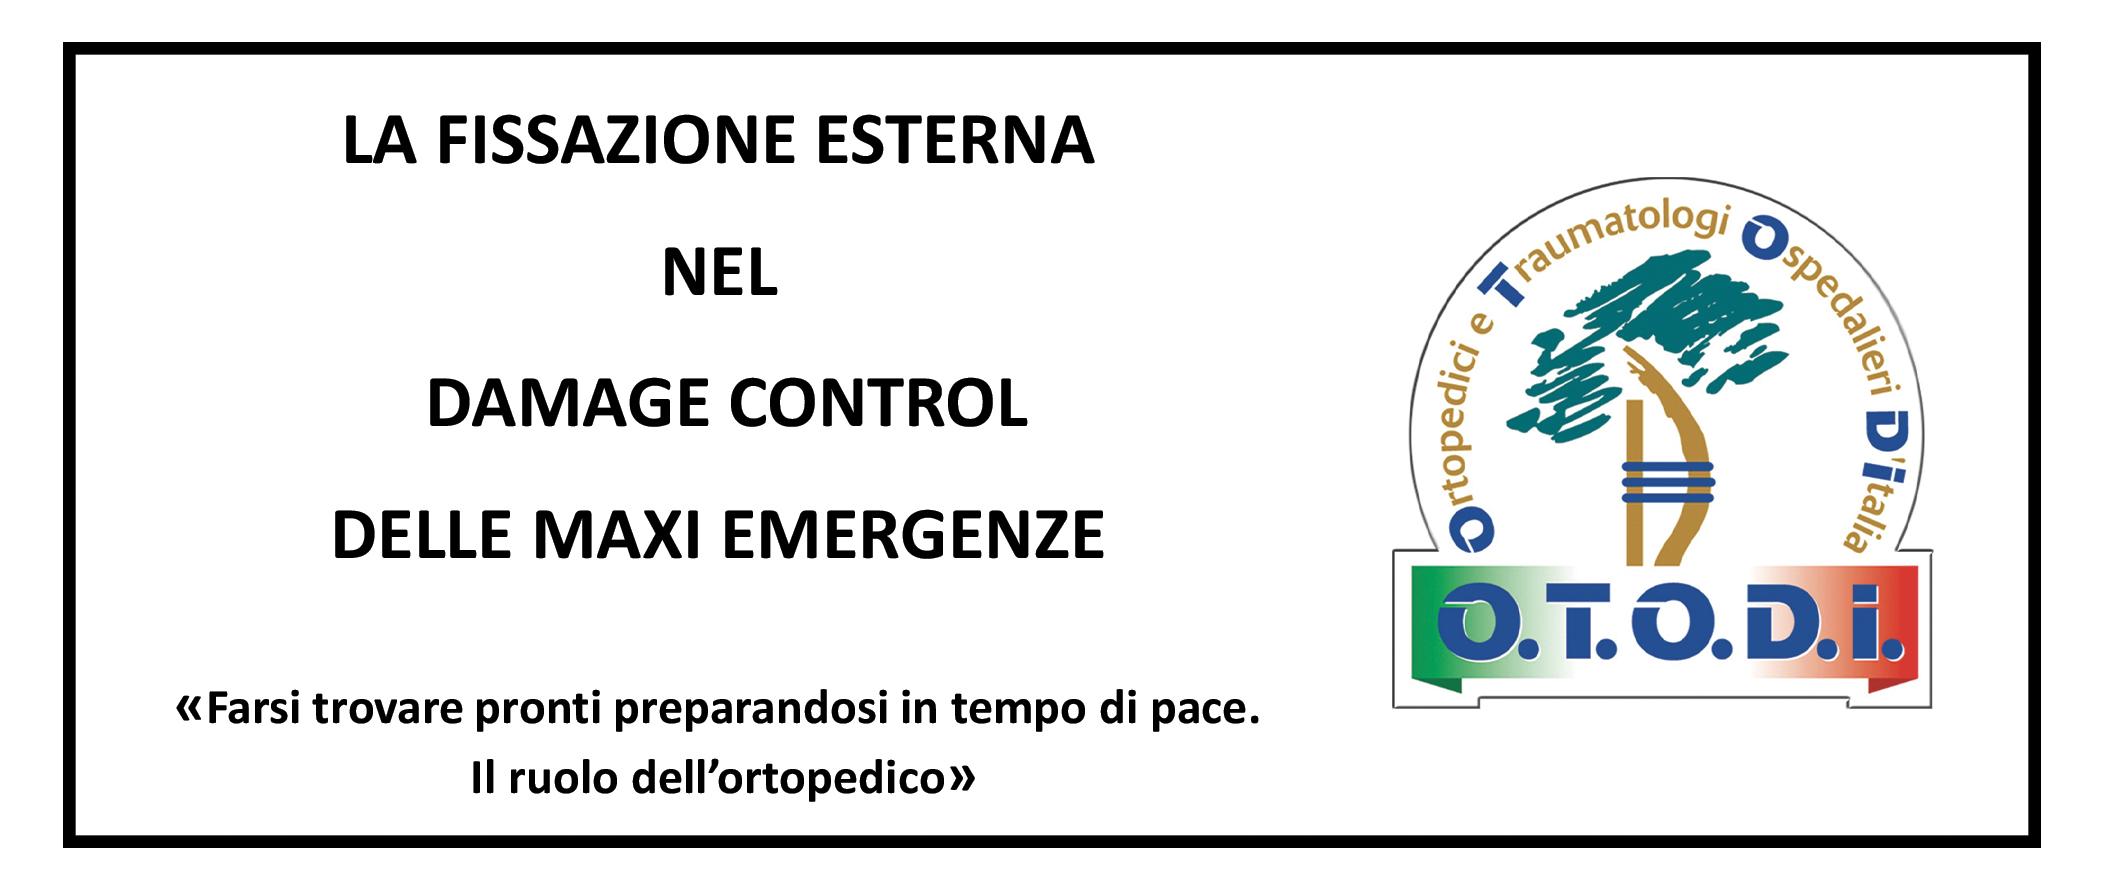 La fissazione esterna nel Demage Control delle maxi emergenze